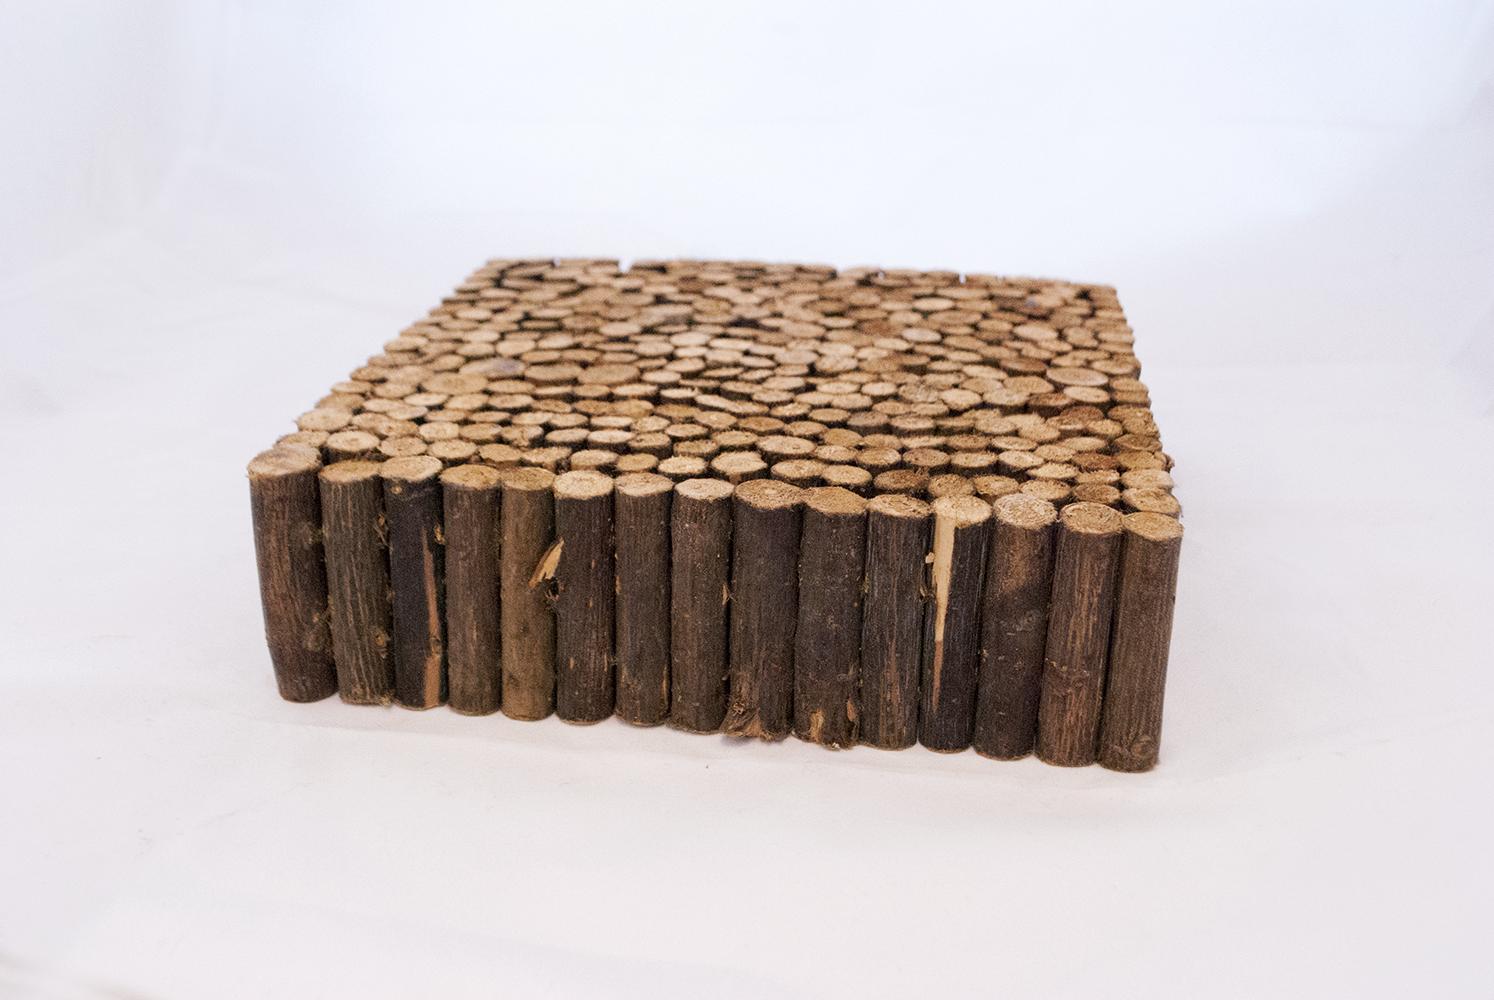 wood riser   Quantity: 1  Price: